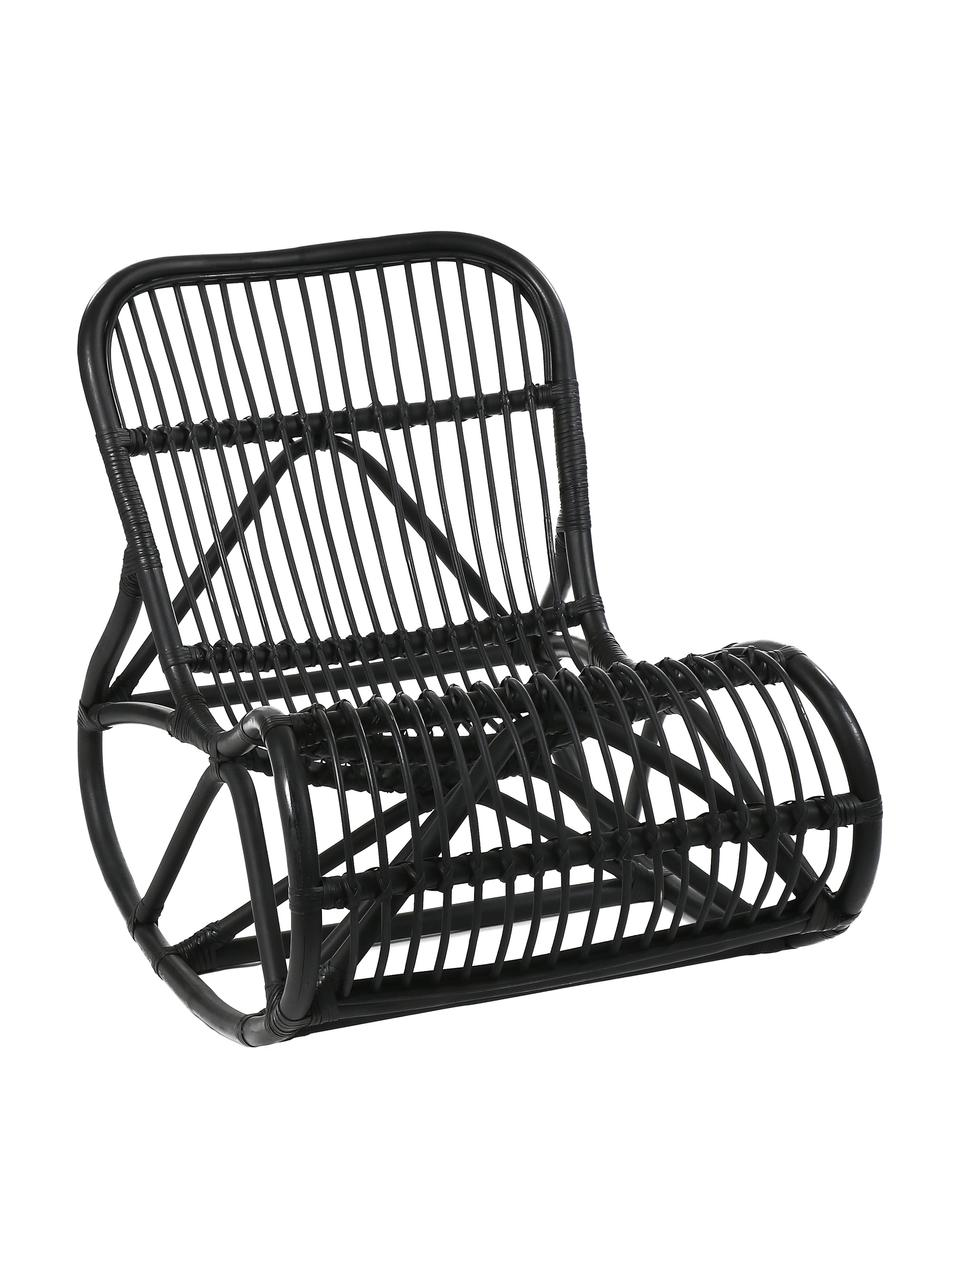 Sedia a dondolo in rattan nero Kim, Rattan, Nero, Larg. 62 x Prof. 90 cm